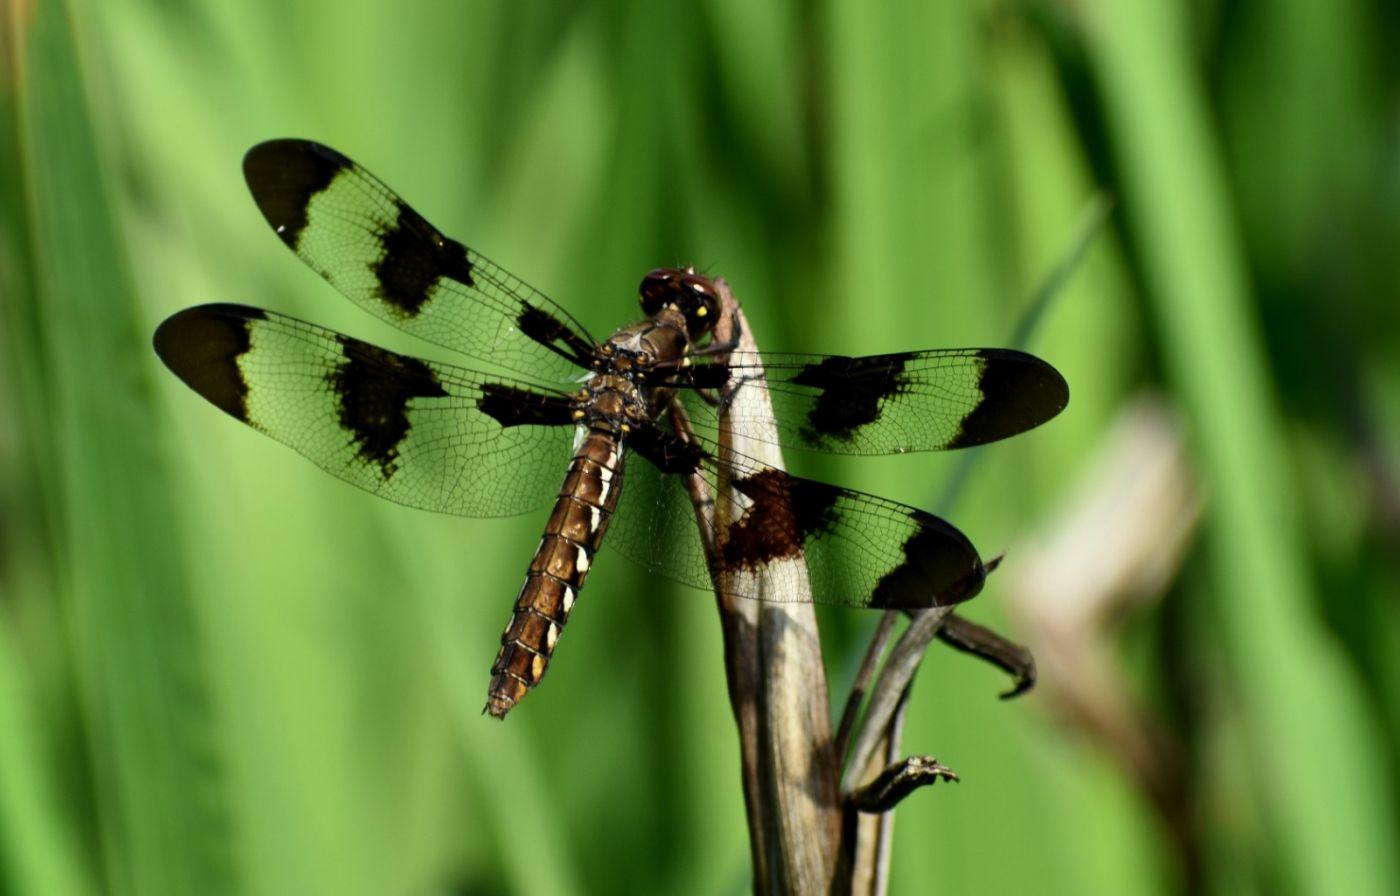 轻盈秀丽的蜻蜓_图1-6